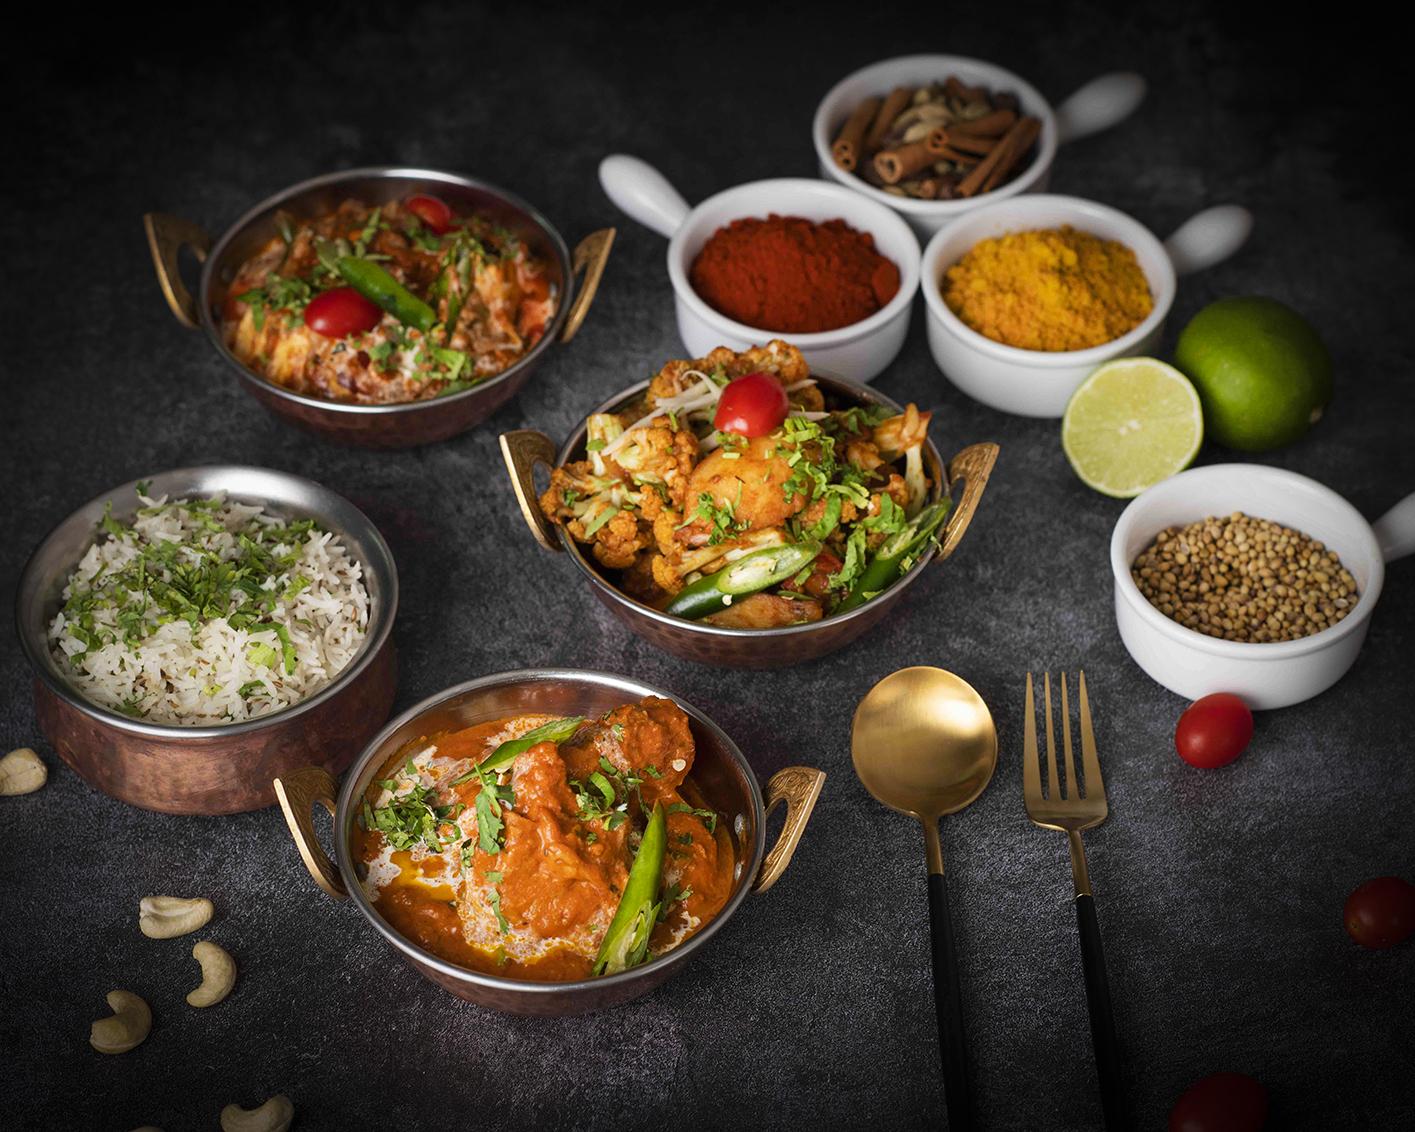 全新開幕遠東Cafe 自助餐廳 亞洲料理餐檯供應各式印度料理